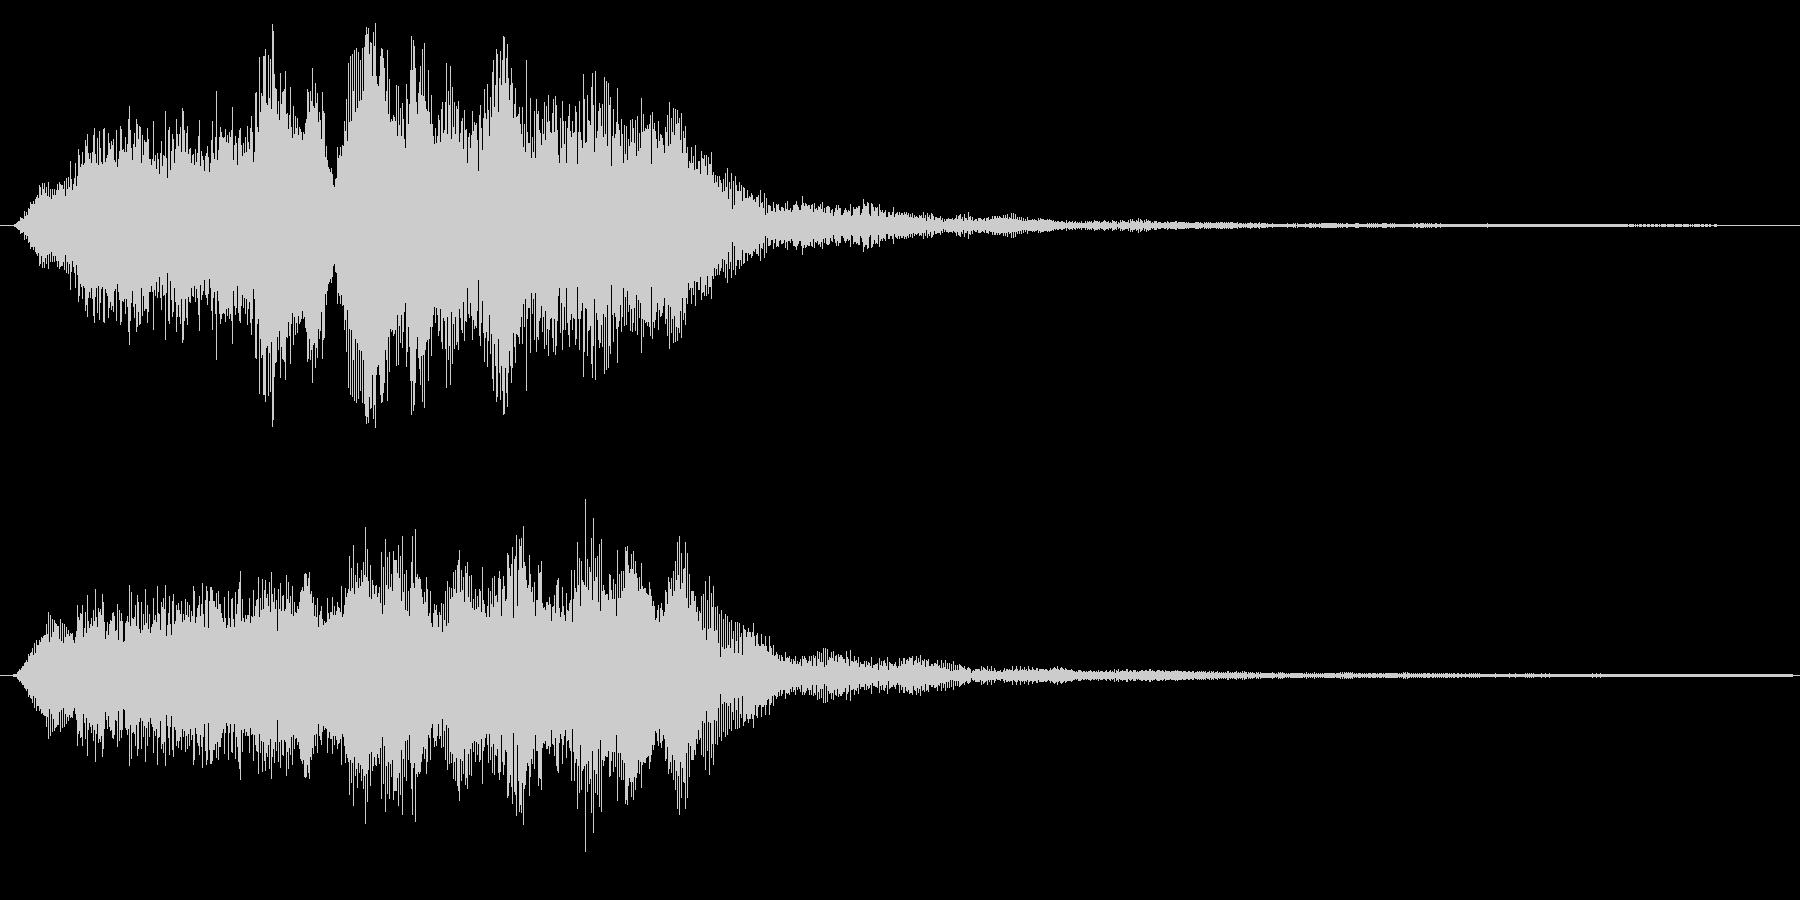 バイオリンの場面転換 アイキャッチ 切替の未再生の波形